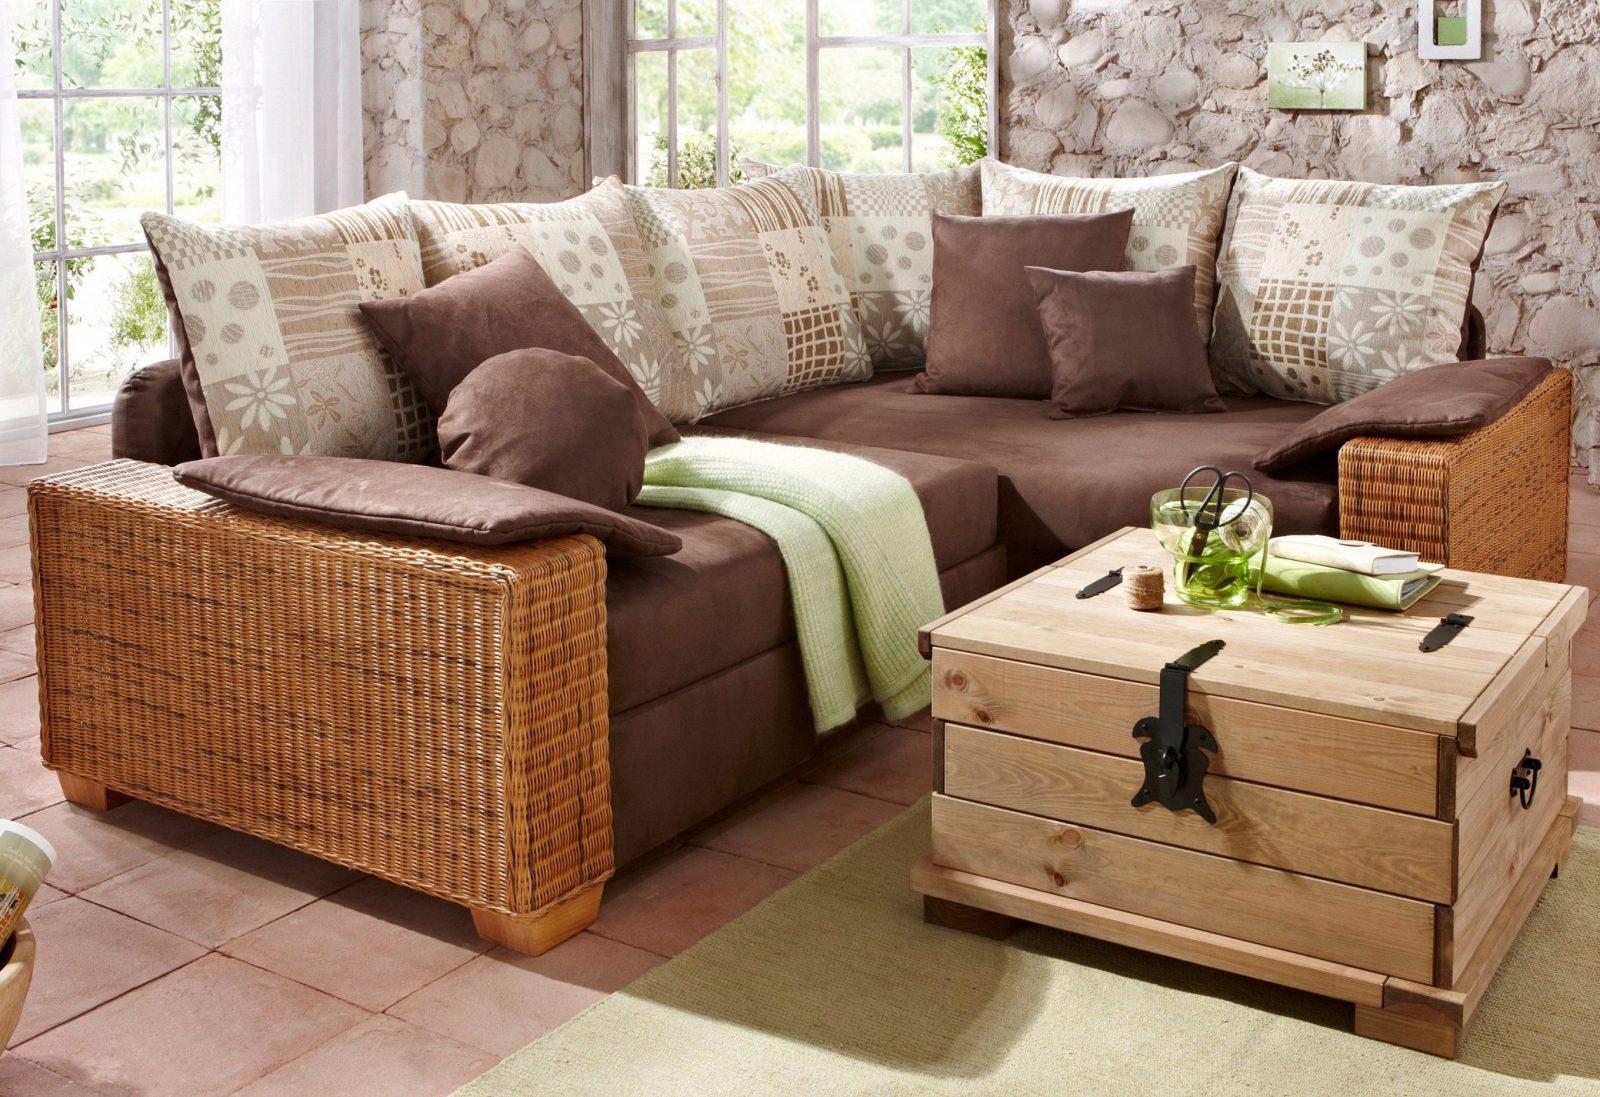 Couch Mit Holzfusen Für Wohnideen Sofa Mit Holzfusen  Jackenos von Rattan Sofa Mit Schlaffunktion Bild